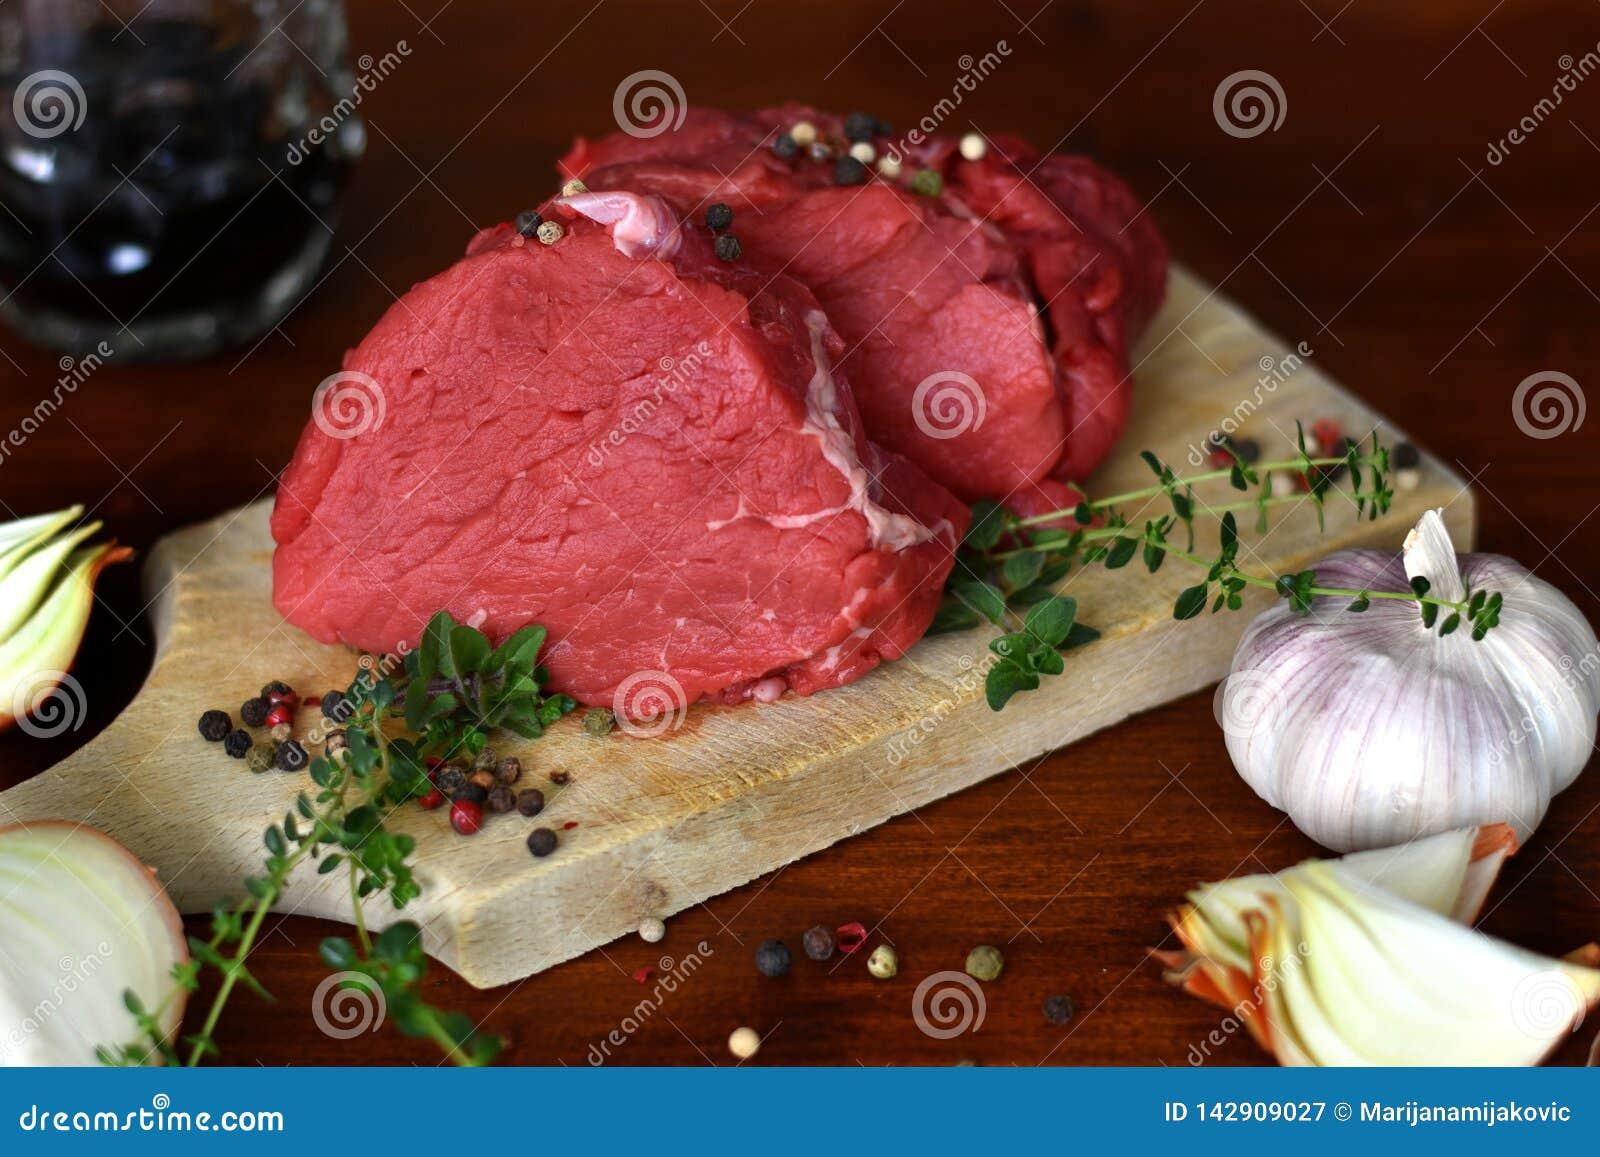 Zwei Schnitte frisches rohes Rindfleischsteak auf dem hölzernen Schneidebrett